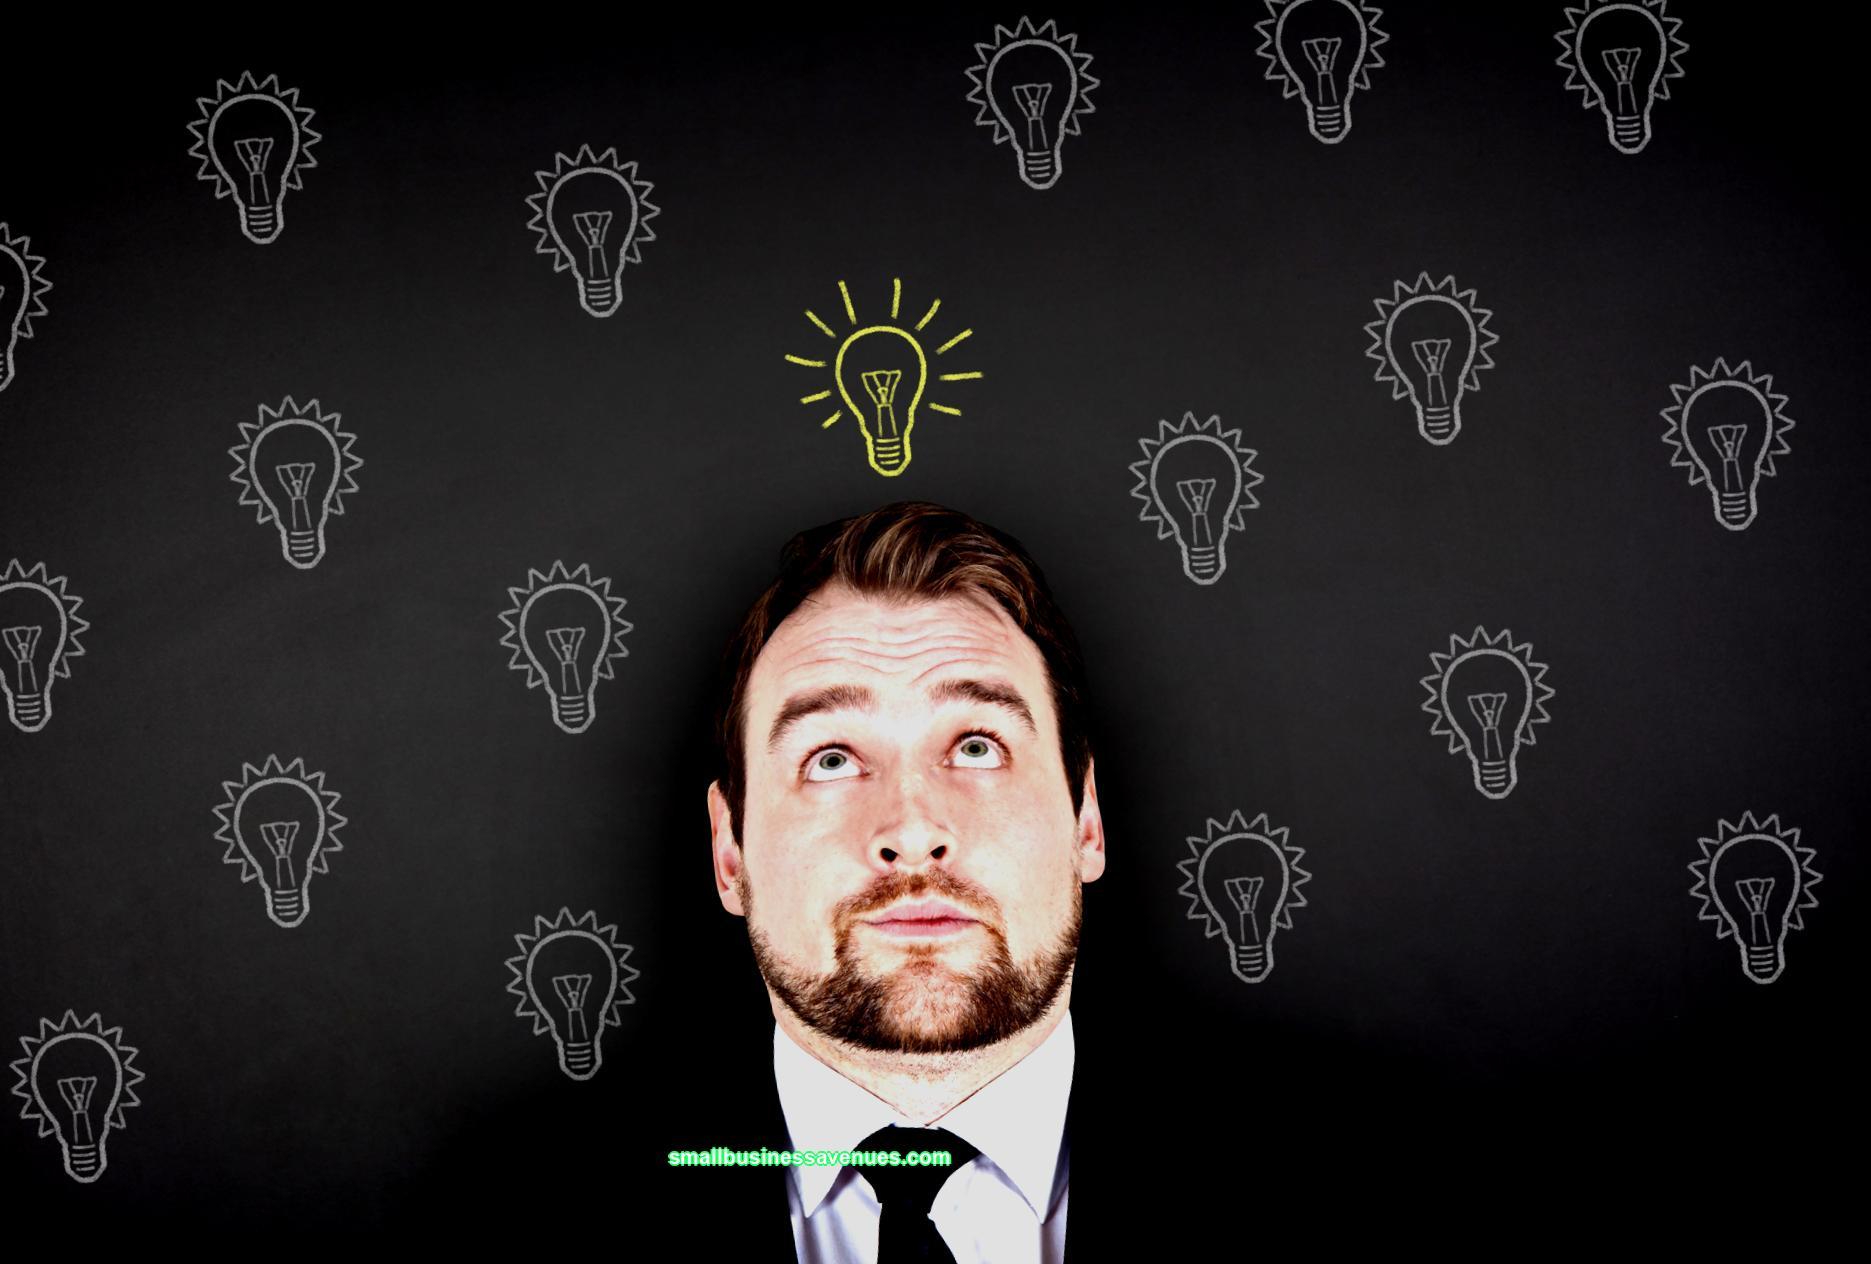 Negocios para hombres: ideas para ganar dinero